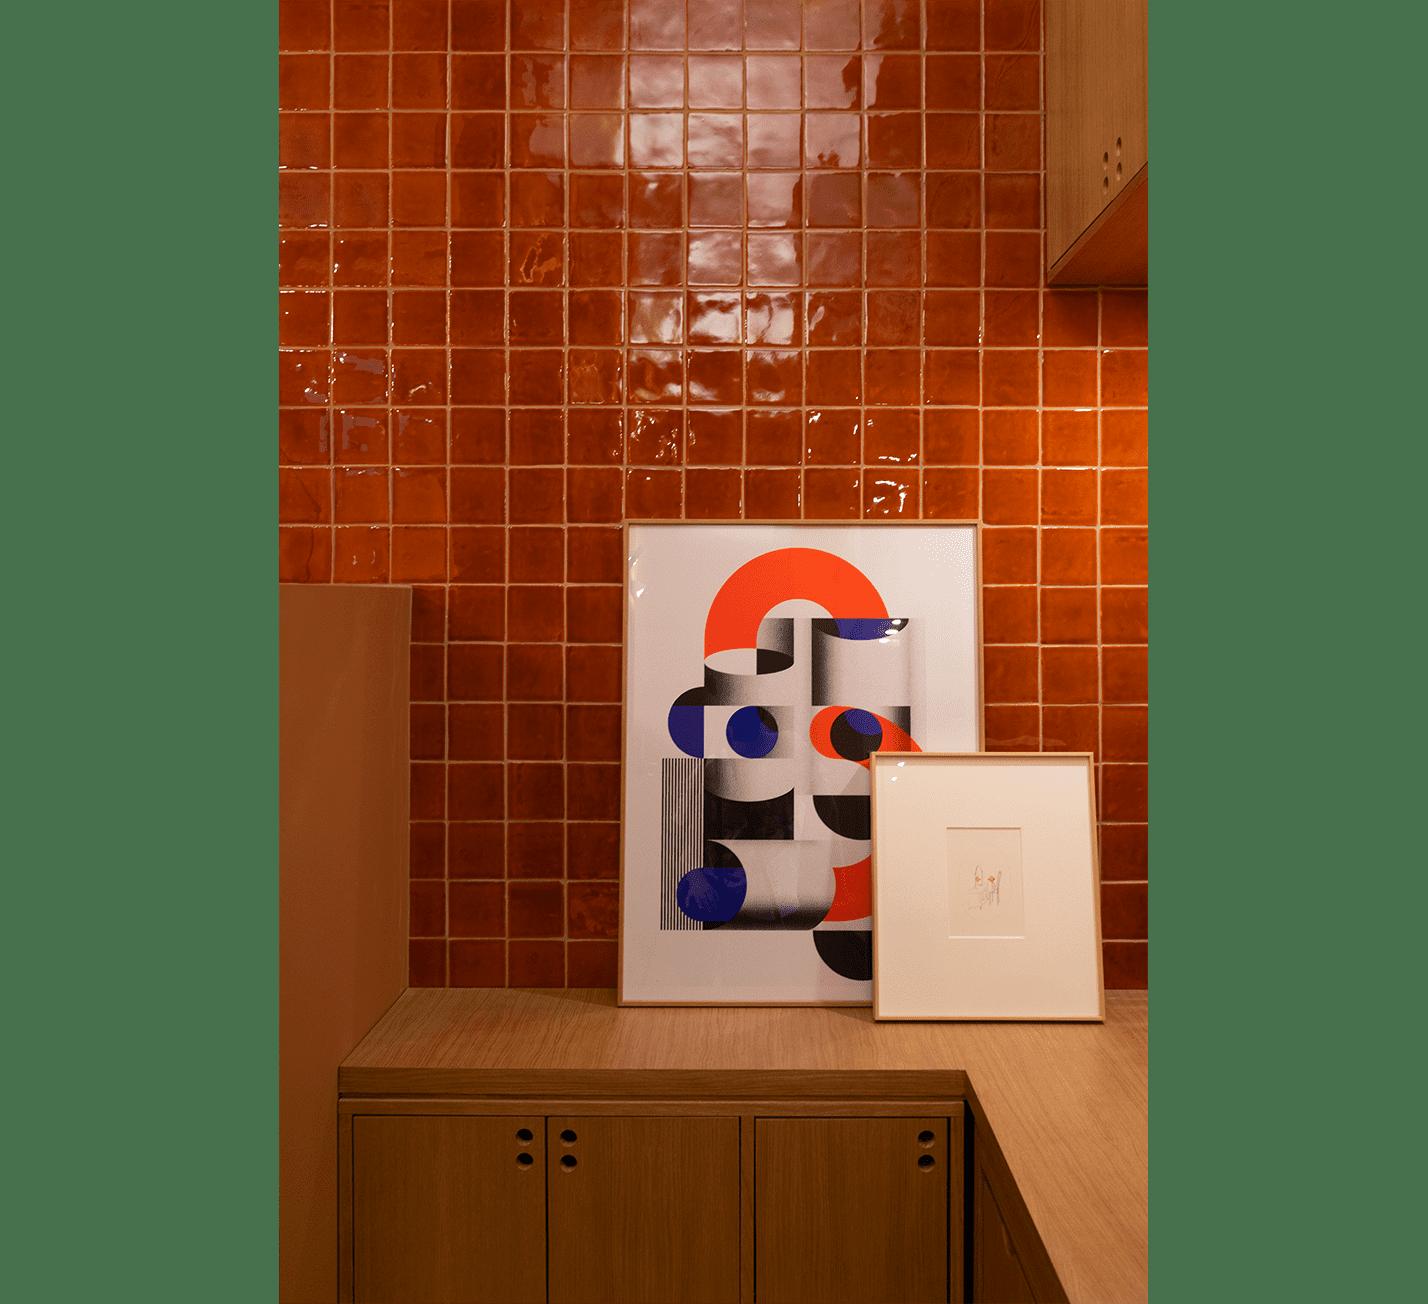 Appartement-Pantin-paris-rénovation-architecture-paris-construction-atelier-steve-pauline-borgia-8